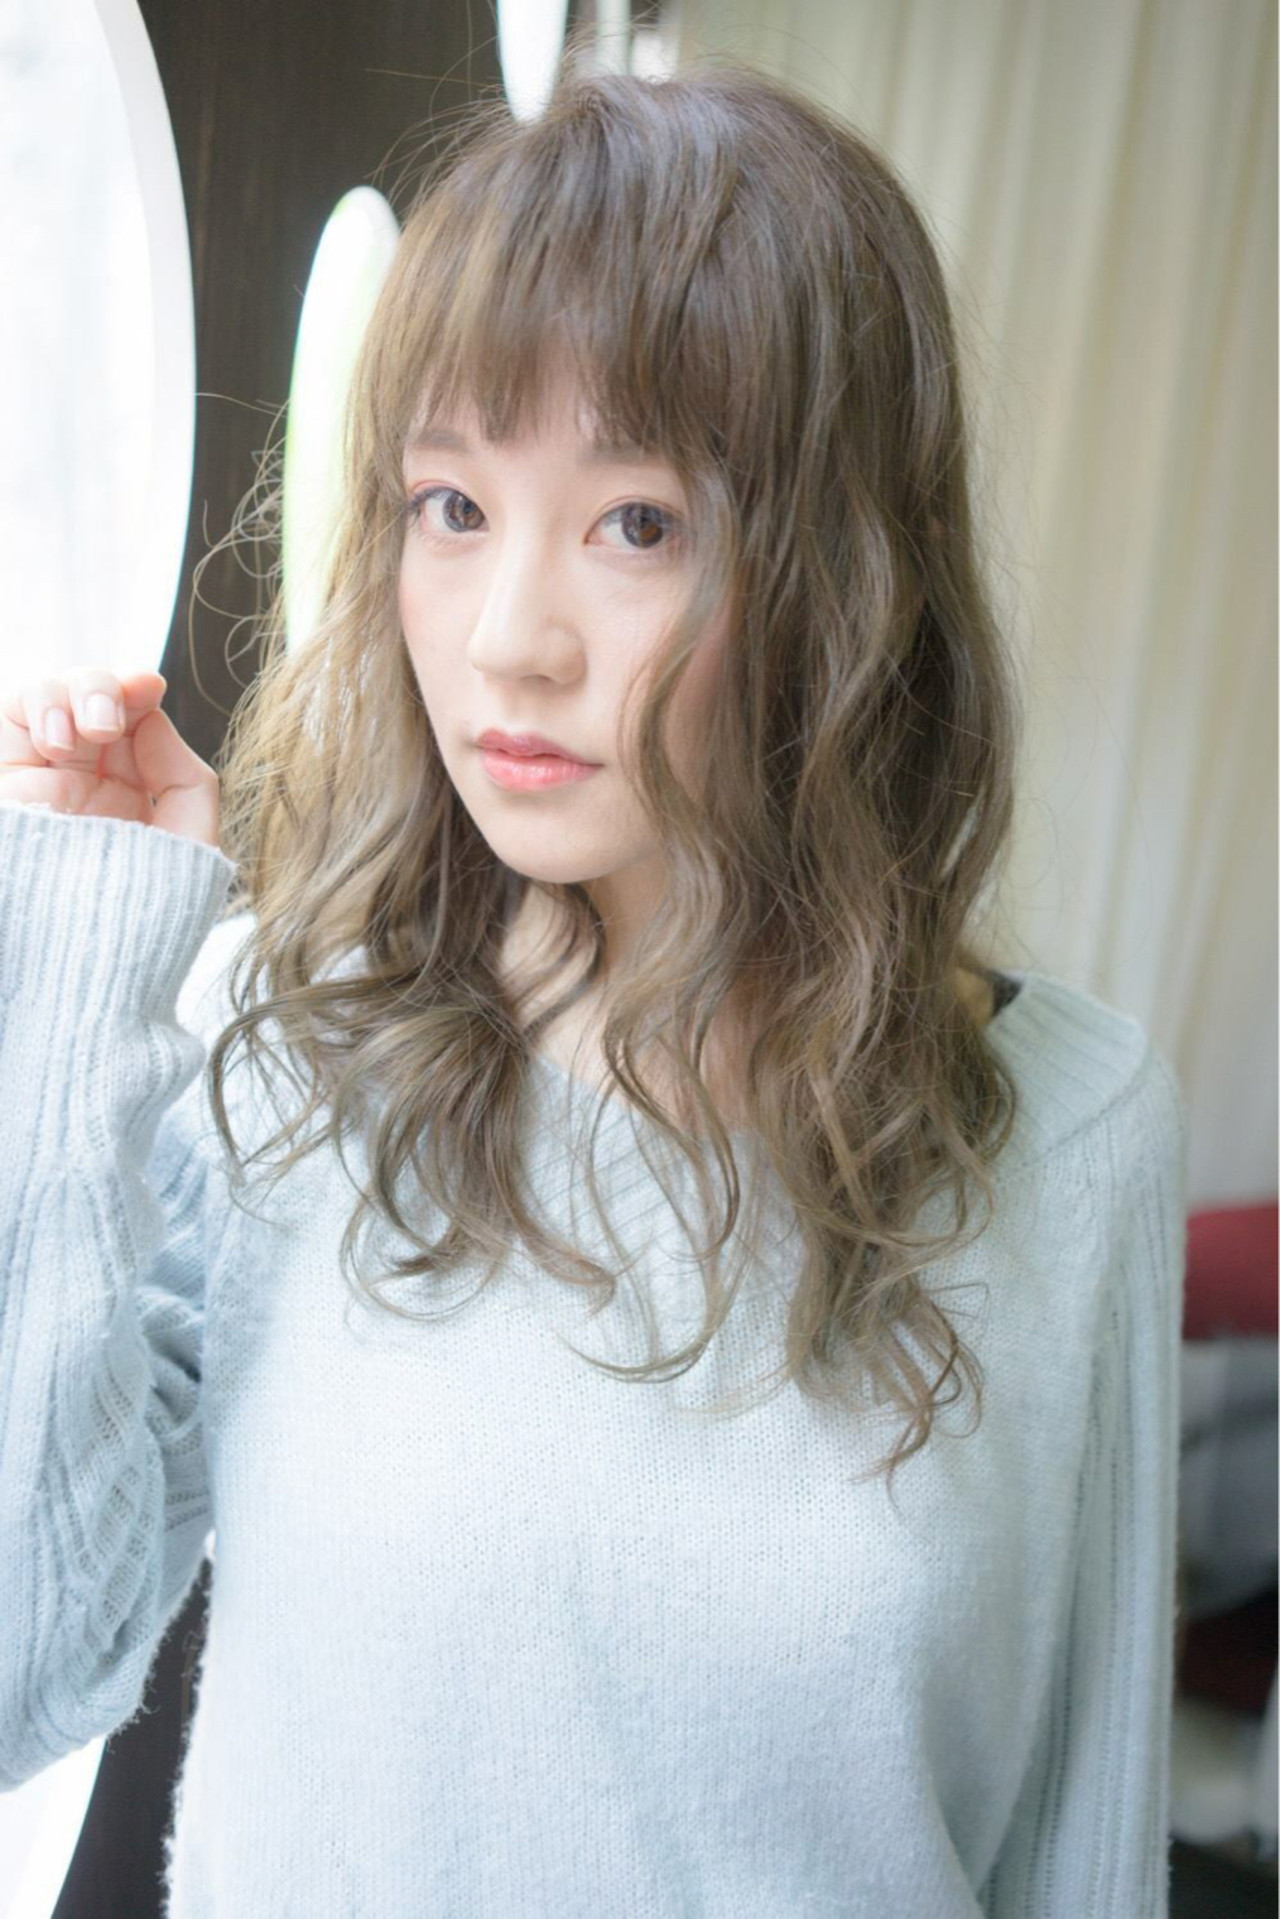 ファッション界、ヘア界ともに人気の万能カラー!カーキマットをご紹介 桝田 由佳 / vicus hair